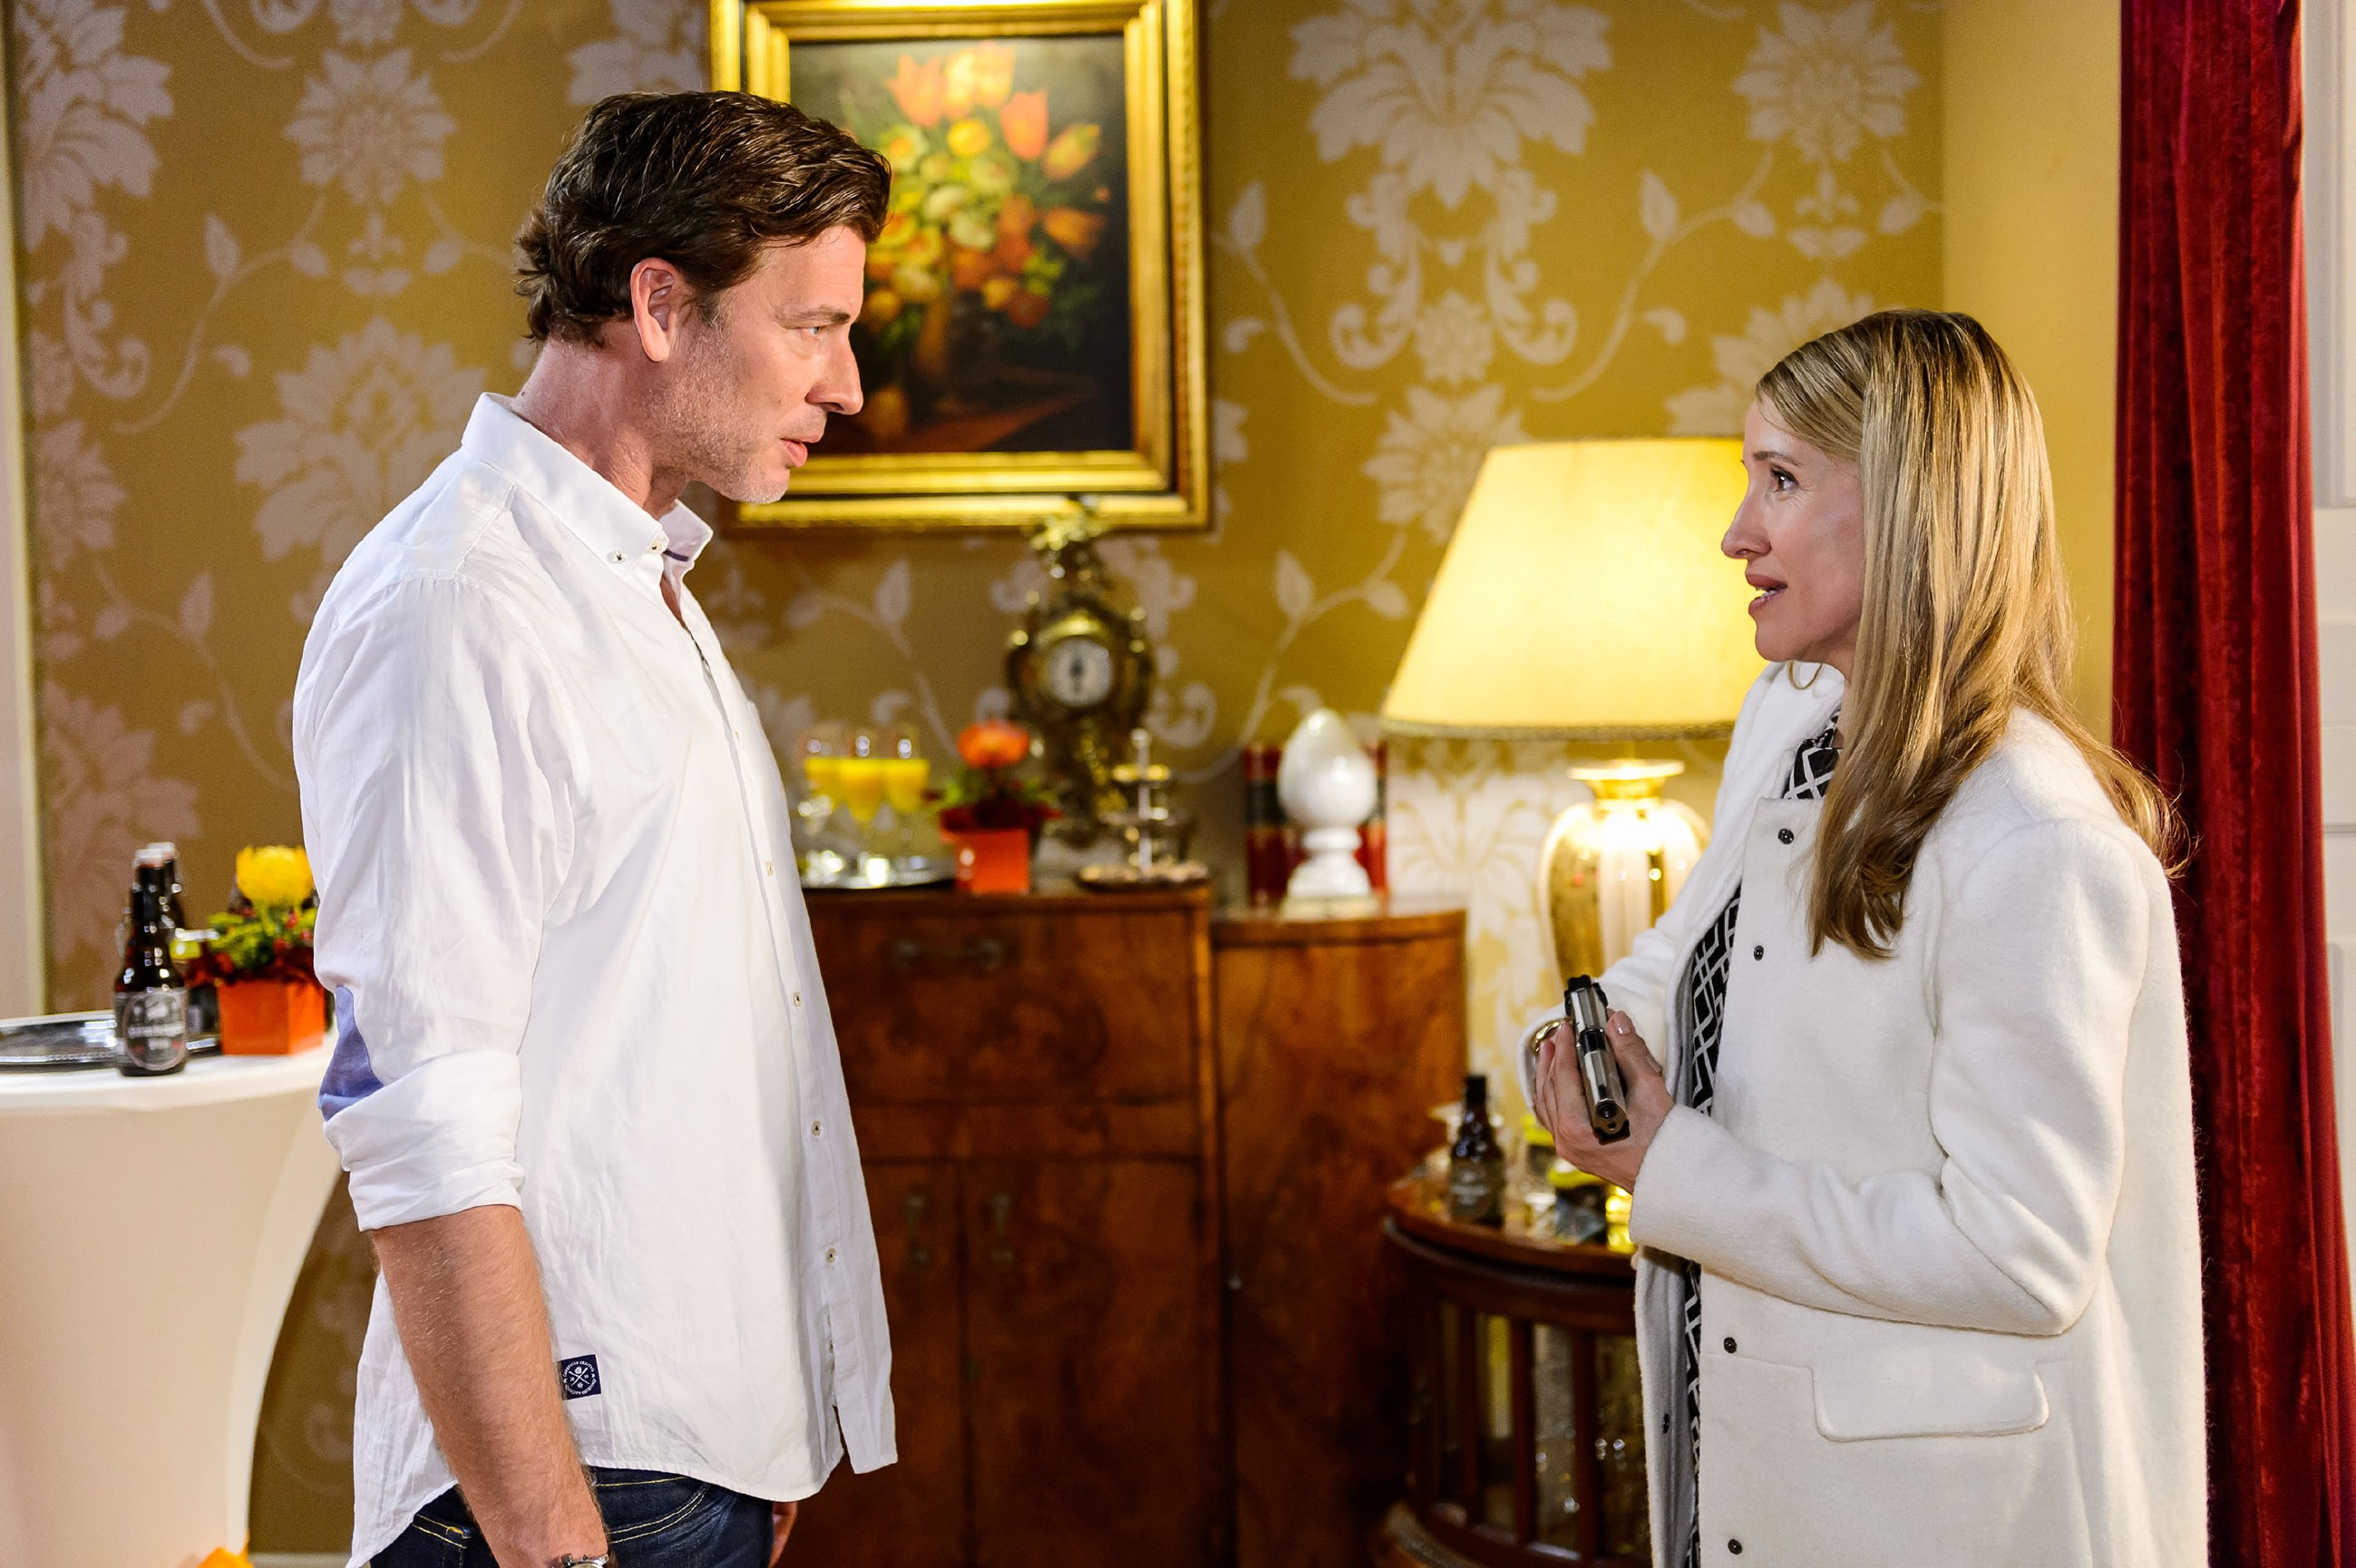 Nachdem es Christoph (Lars Korten) gelungen ist, Vanessa und die anderen Gäste aus Sylvies (Solveig August) Schusslinie zu holen, gesteht er ihr, dass er nicht mehr sie, sondern Vanessa liebt... (Quelle: RTL / Willi Weber)